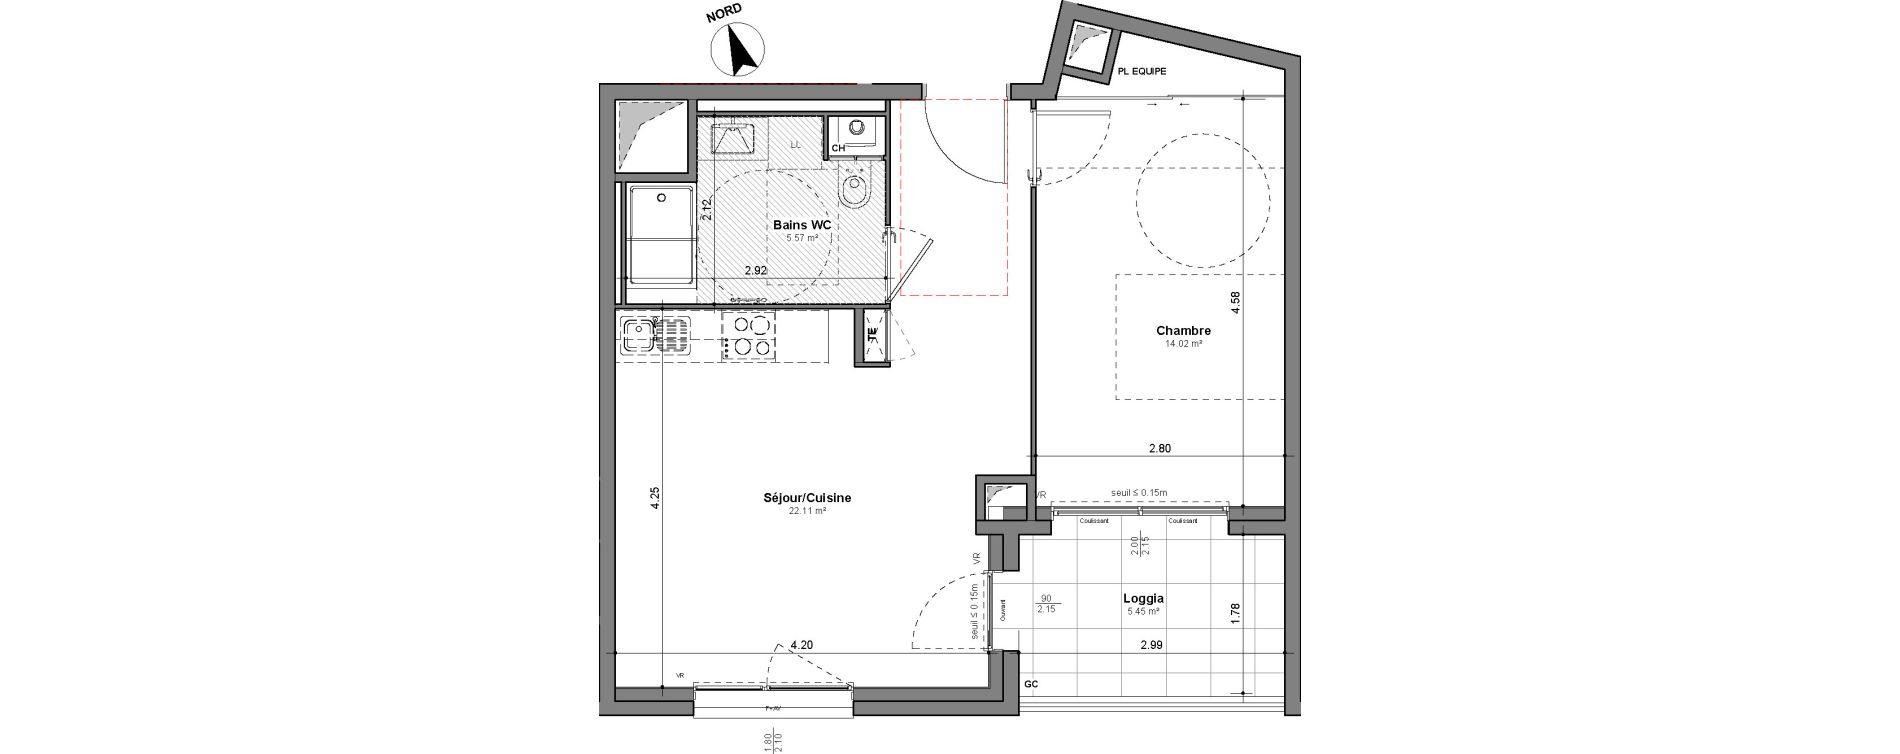 Appartement T2 de 41,70 m2 à Lyon Santy - la plaine (8eme)